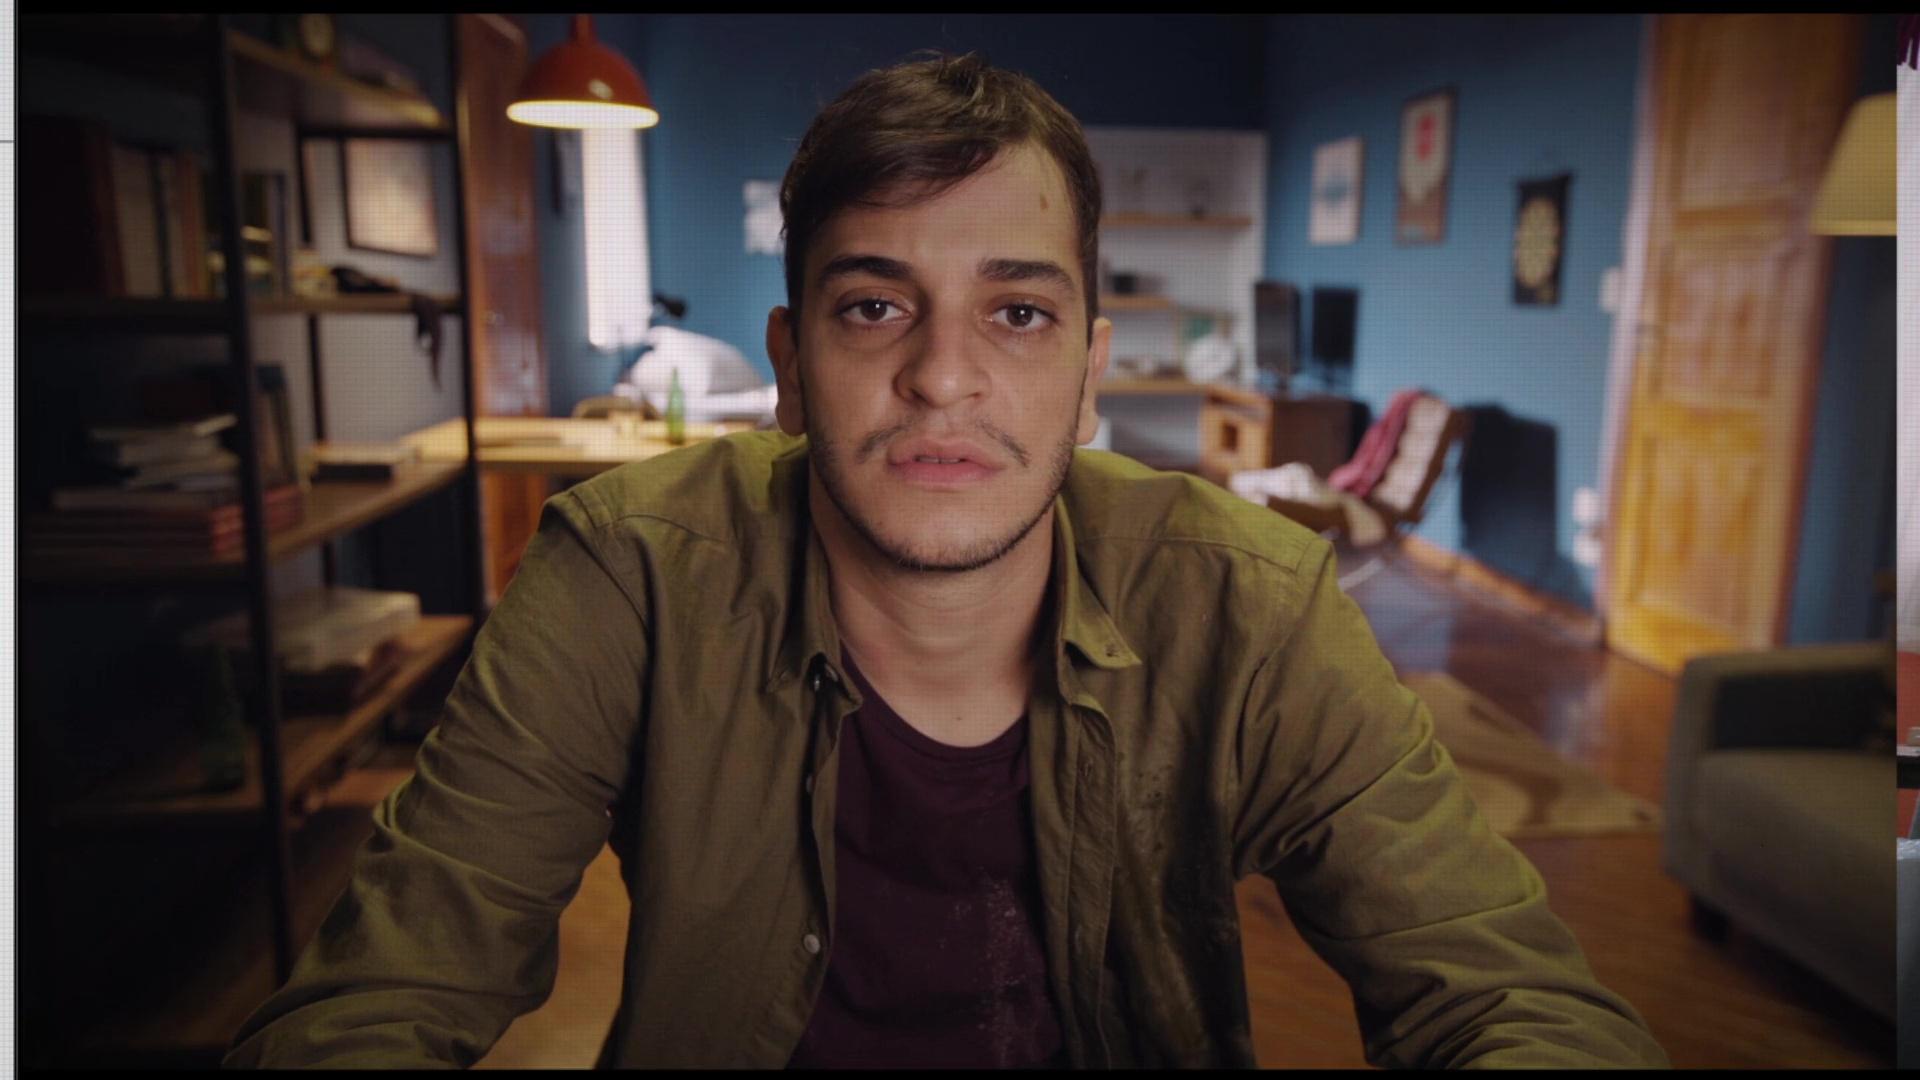 Cómo hackear a tu jefe (2021) 1080p WEB-DL Latino